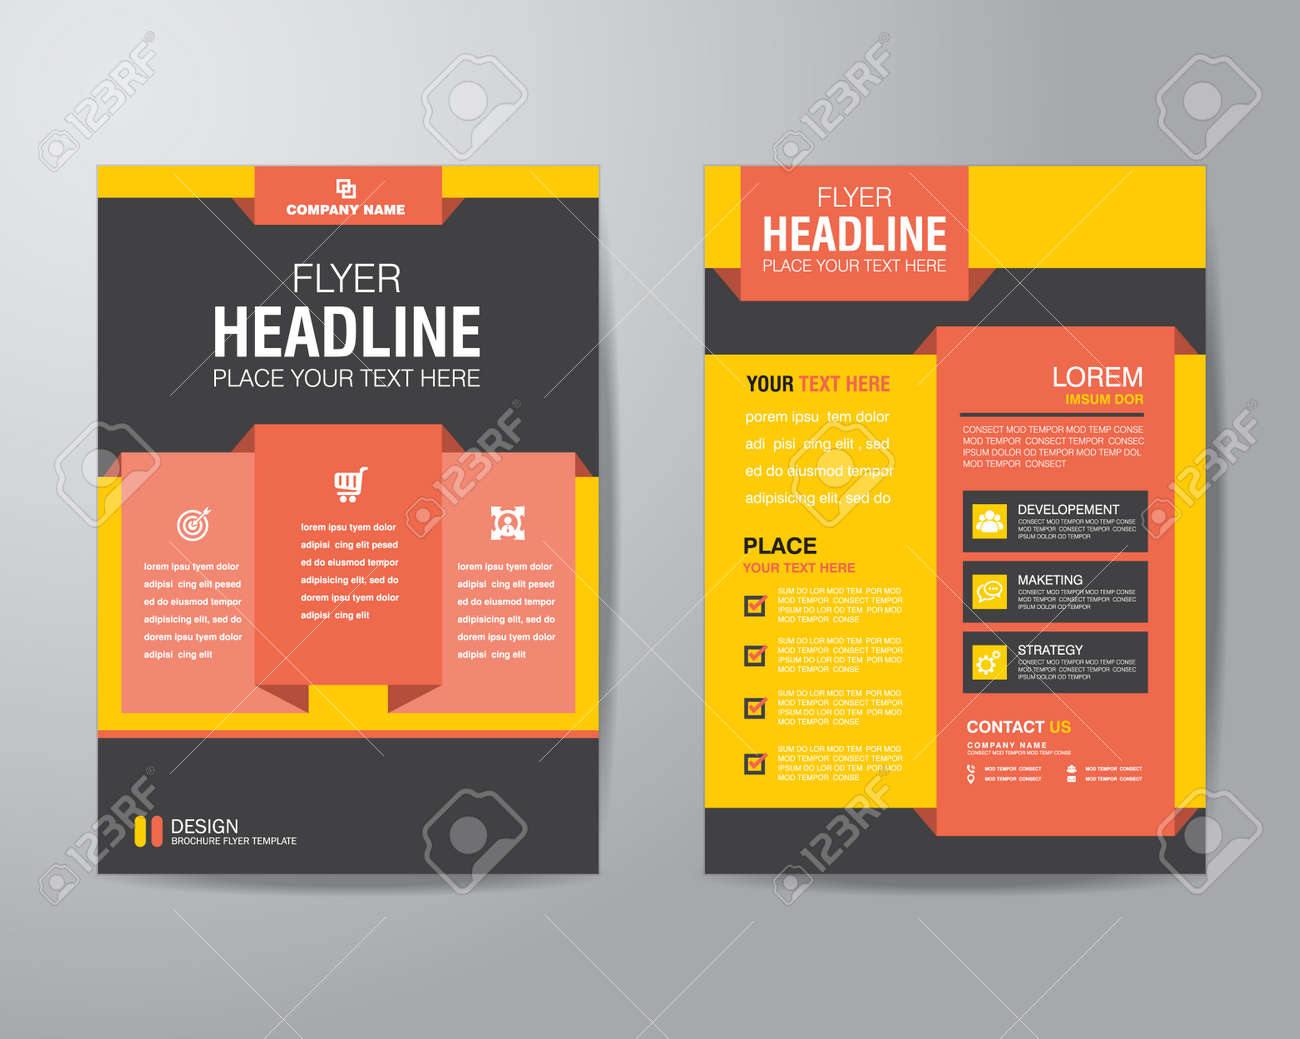 unternehmensbrosch uuml re flyer design layout vorlage im a format unternehmensbroschuumlre flyer design layout vorlage im a4 format mit entluumlftungs lizenzfreie bilder